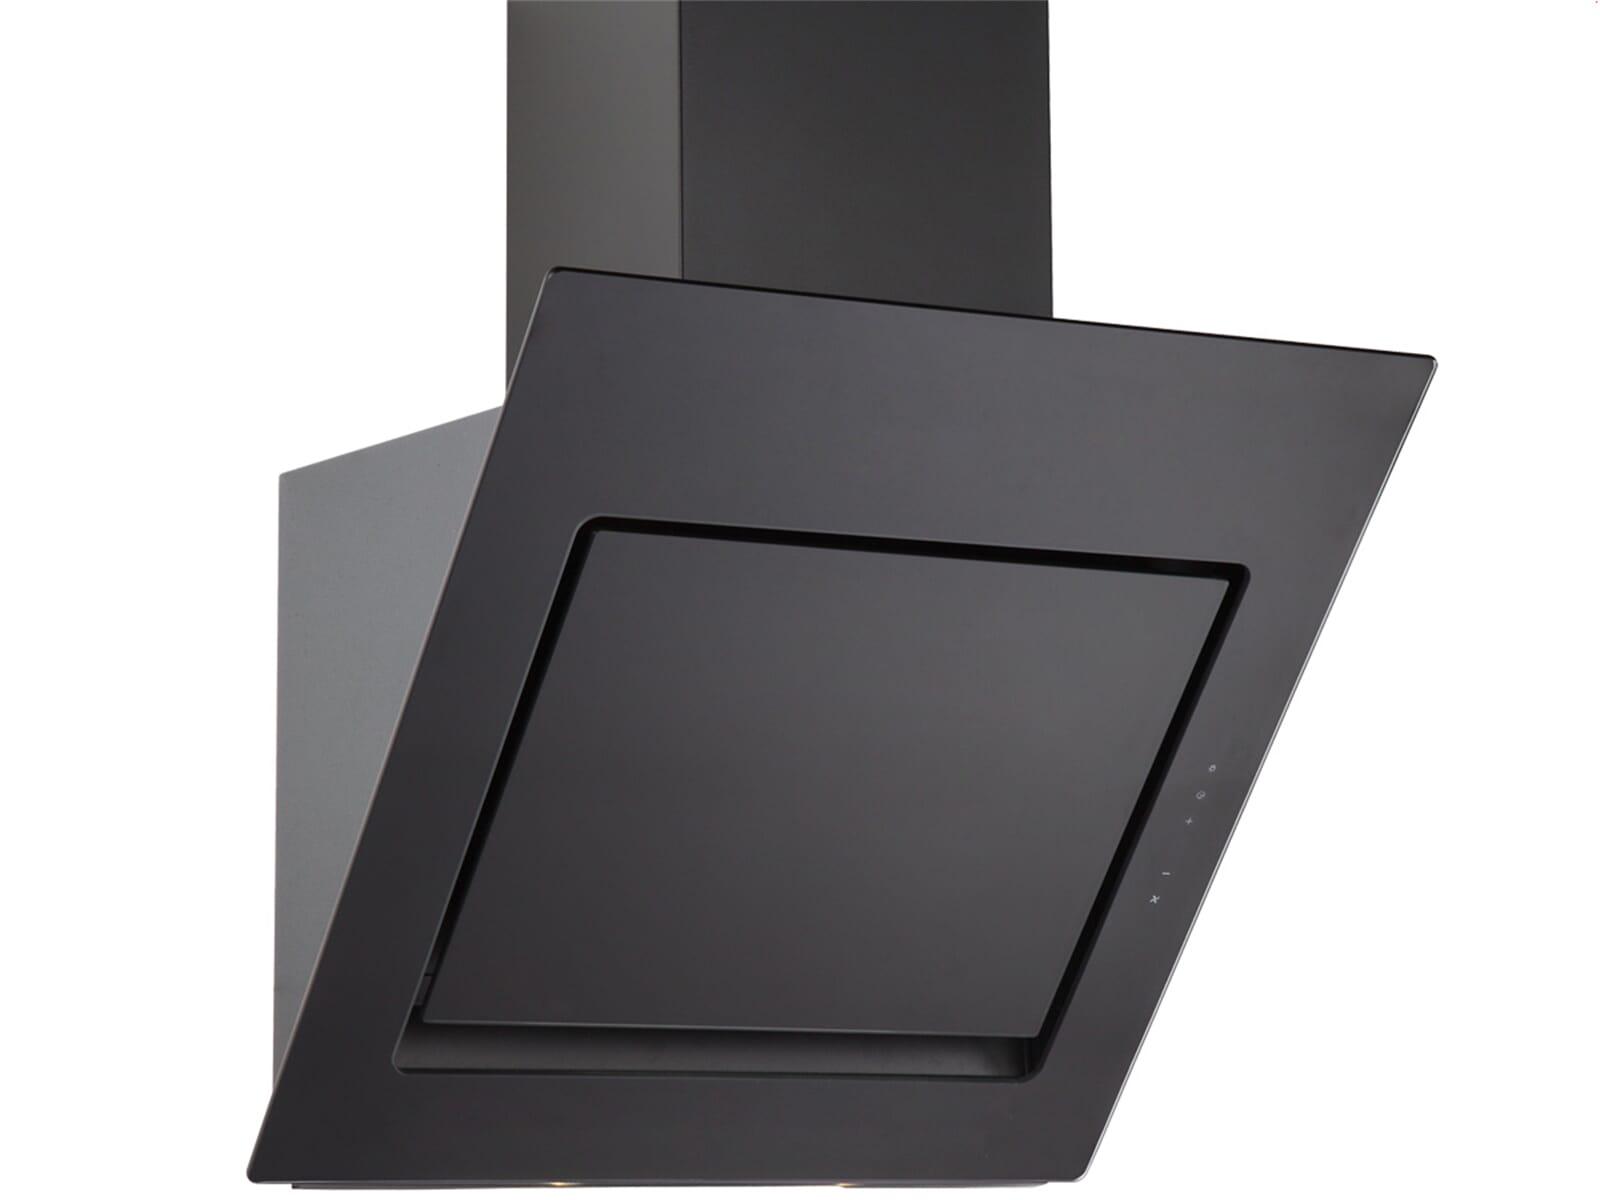 silverline auriga auw 685 2 s kopffrei wand dunstabzugshaube glas schwarz. Black Bedroom Furniture Sets. Home Design Ideas